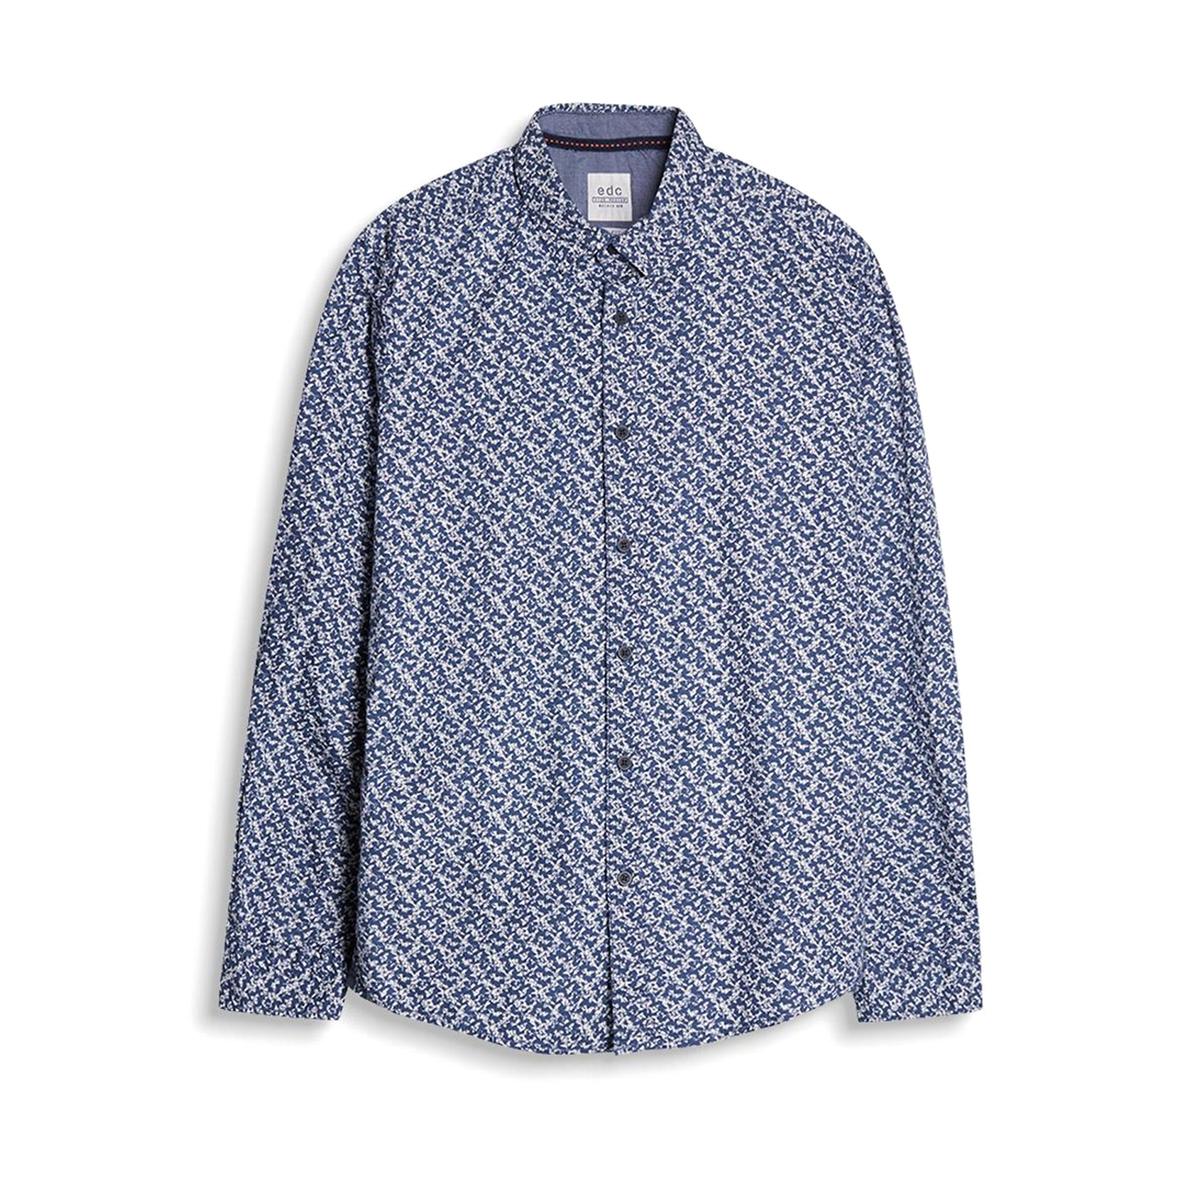 Рубашка с рисункомРубашка с воротником со свободными уголками. Прямой покрой. Геометрический рисунок. Длинные рукава. Состав и описание :Материал         100% хлопокМарка         ESPRIT Уход :Машинная стирка при 30 °С с вещами схожих цветовСтирать и гладить с изнаночной стороныМашинная сушка в умеренном режимеГладить при низкой температуре<br><br>Цвет: синий